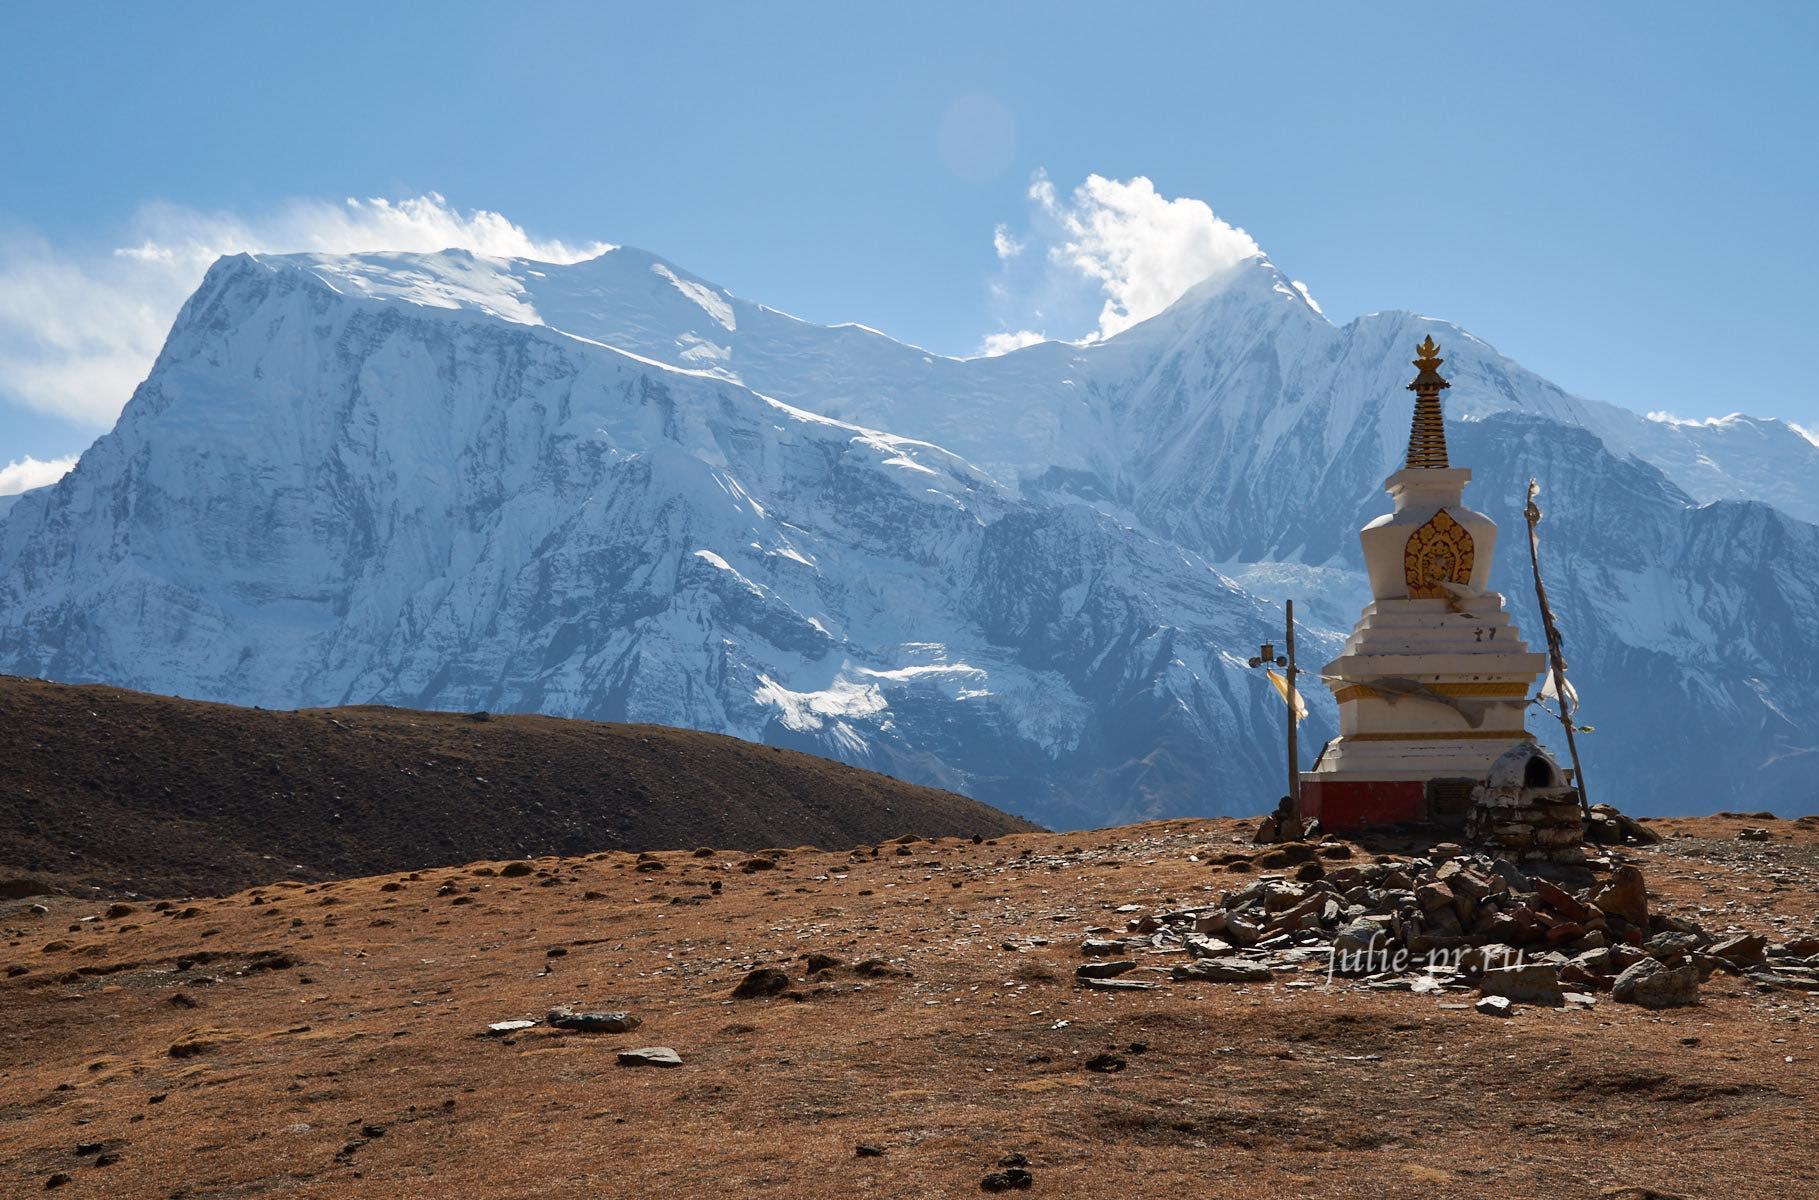 Непал, Трек вокруг Аннапурны, Ступа